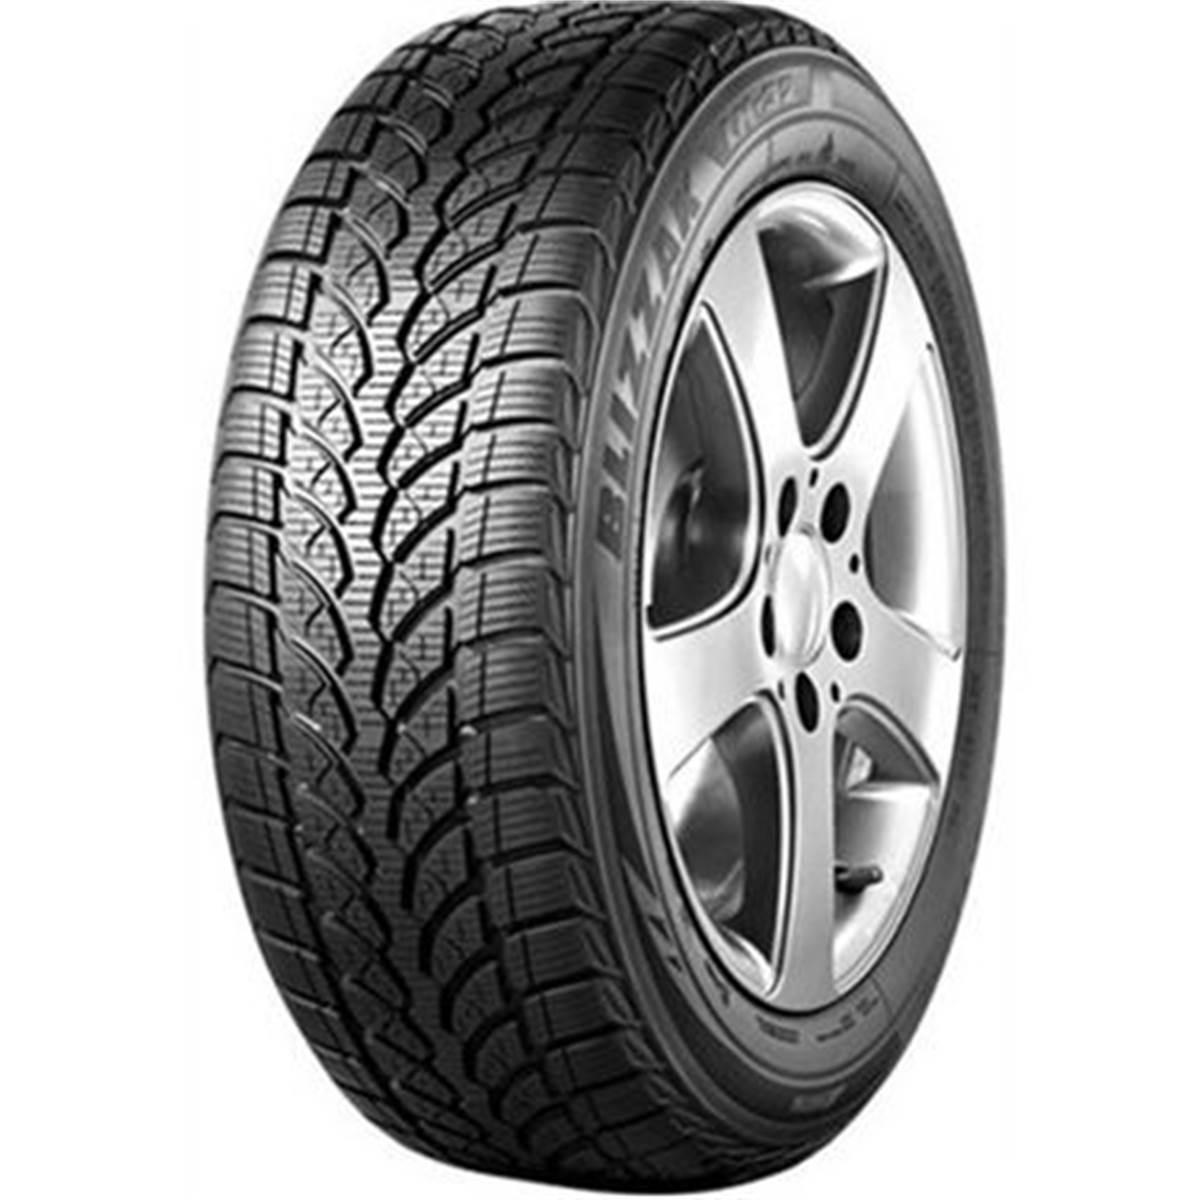 Pneu Runflat Hiver Bridgestone 195/55R16 87H Blizzak Lm32